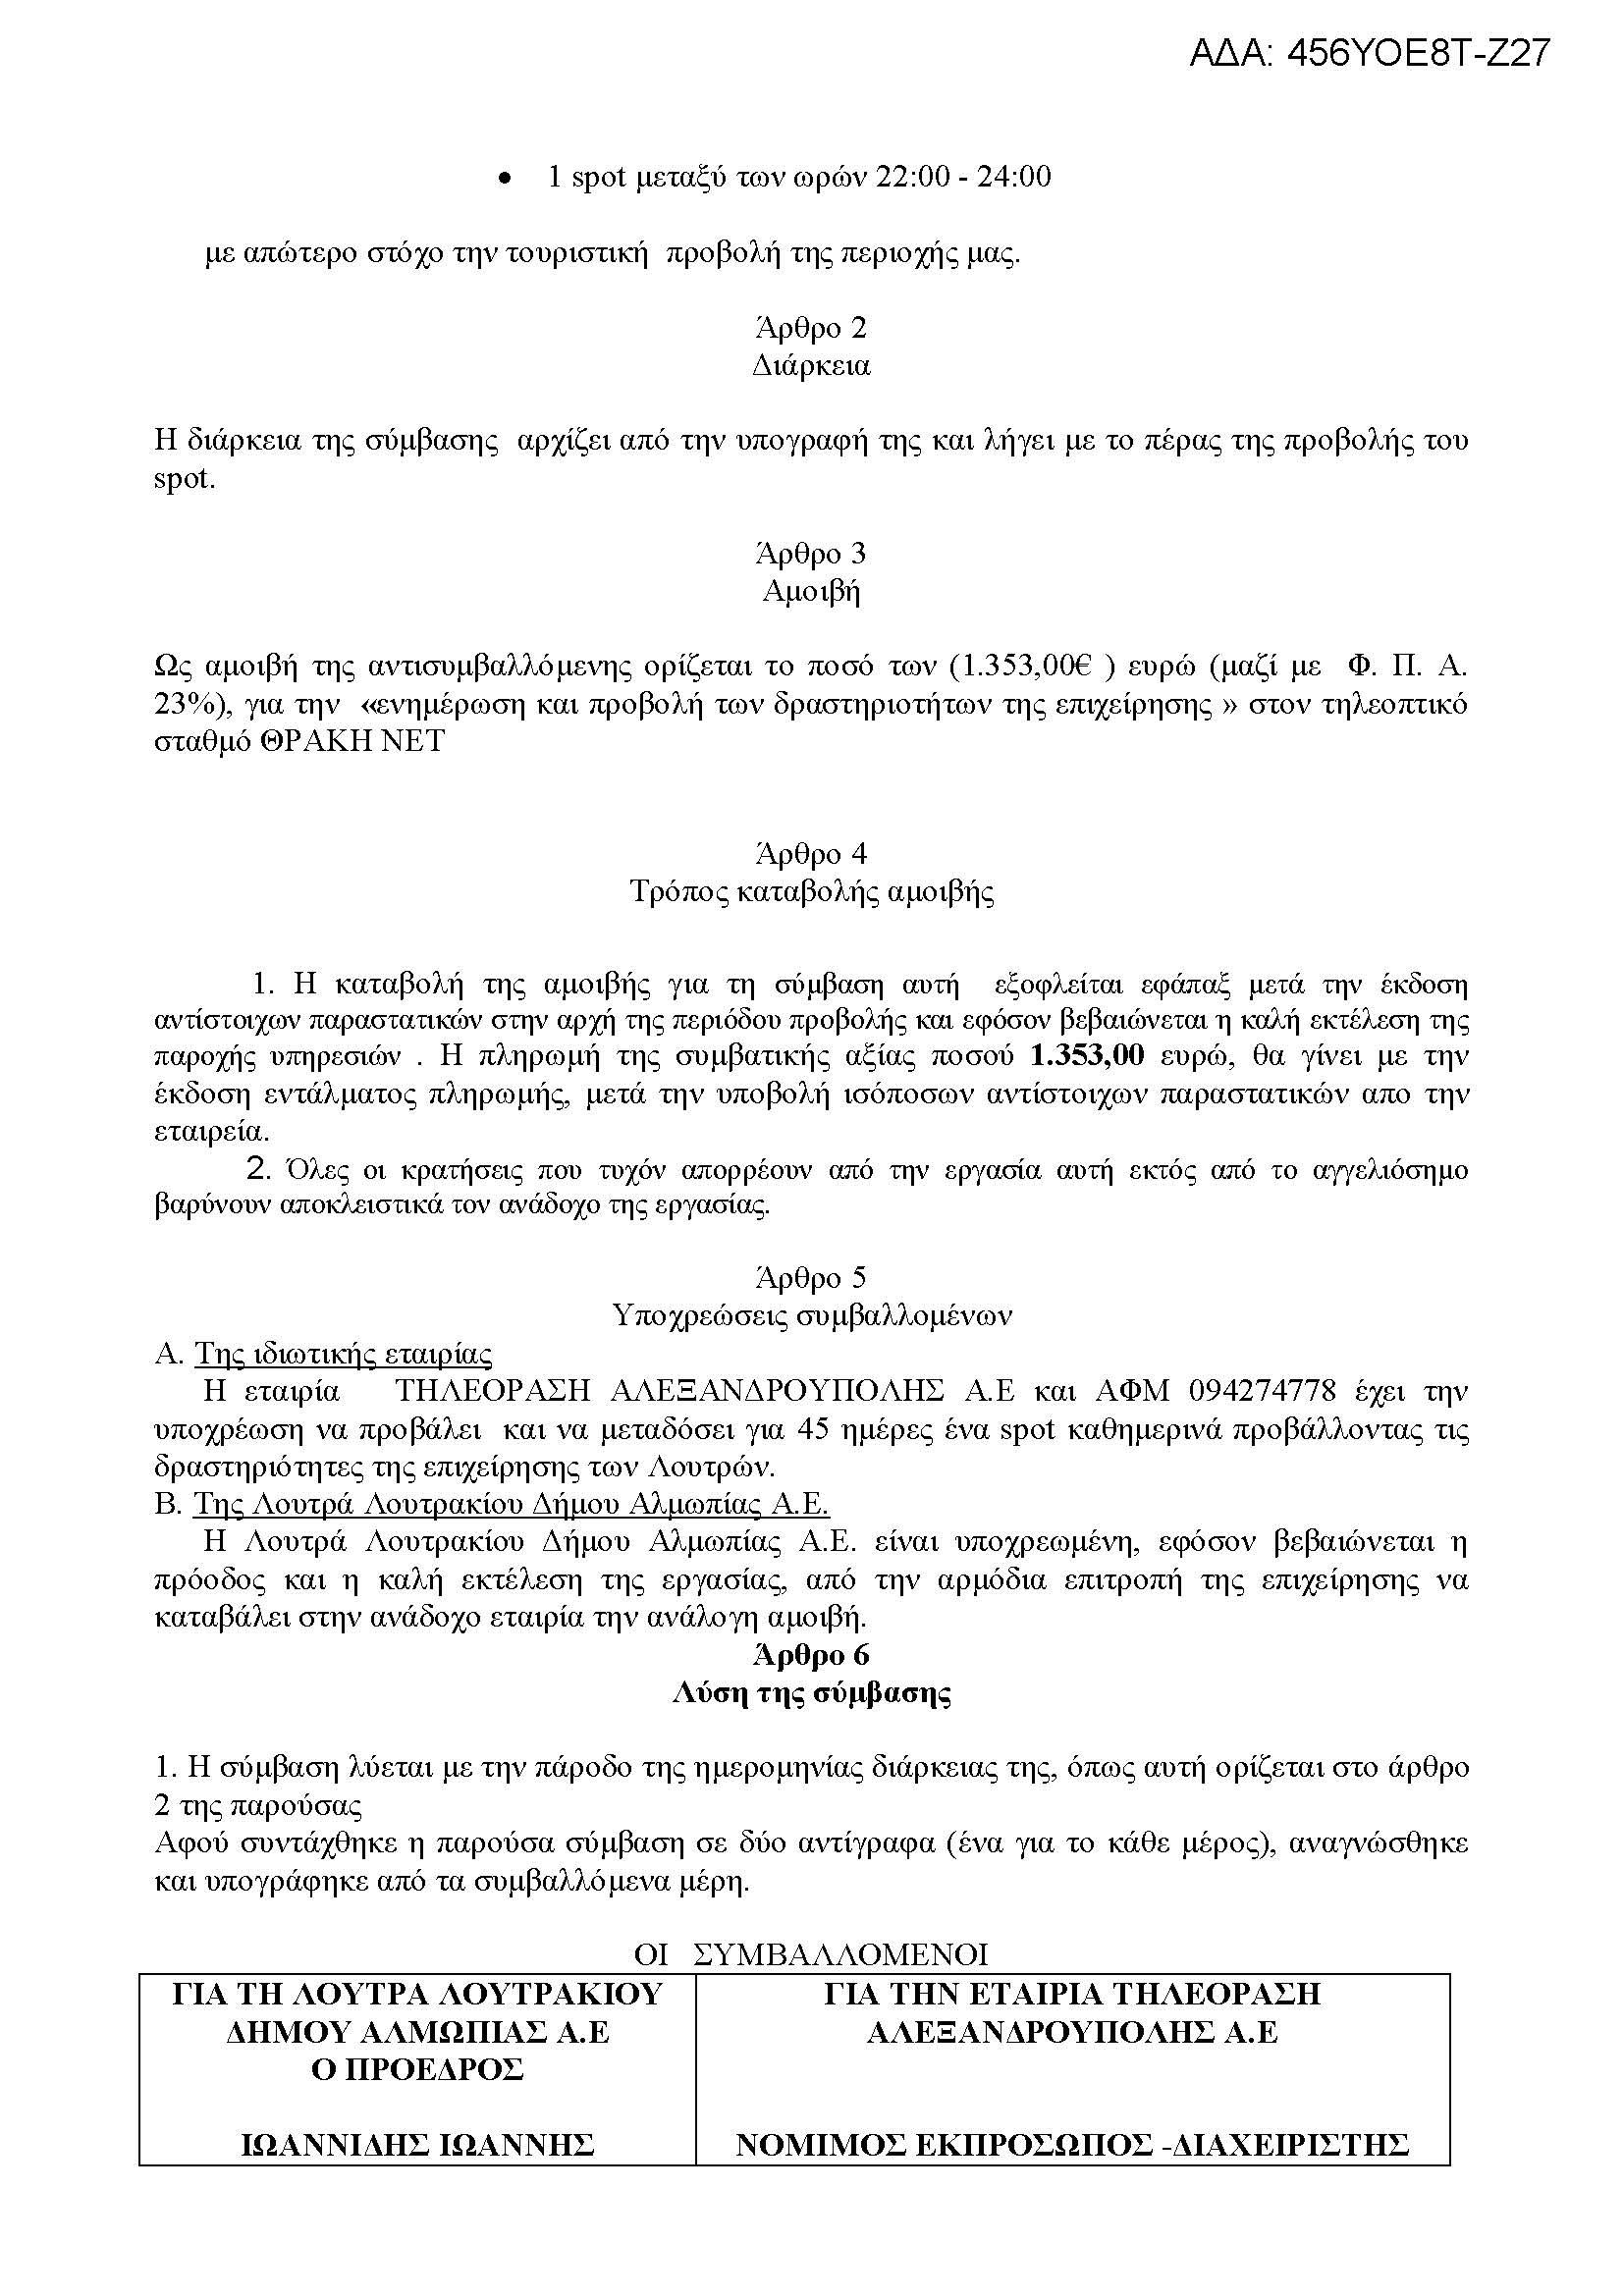 Σύμβαση Παροχής Υπηρεσιών ΘΡΑΚΗ ΝΕΤ από Λουτρά Λουτρακίου προς 1.353 ευρώ για 180 προβολές σποτ σε 45 μέρες